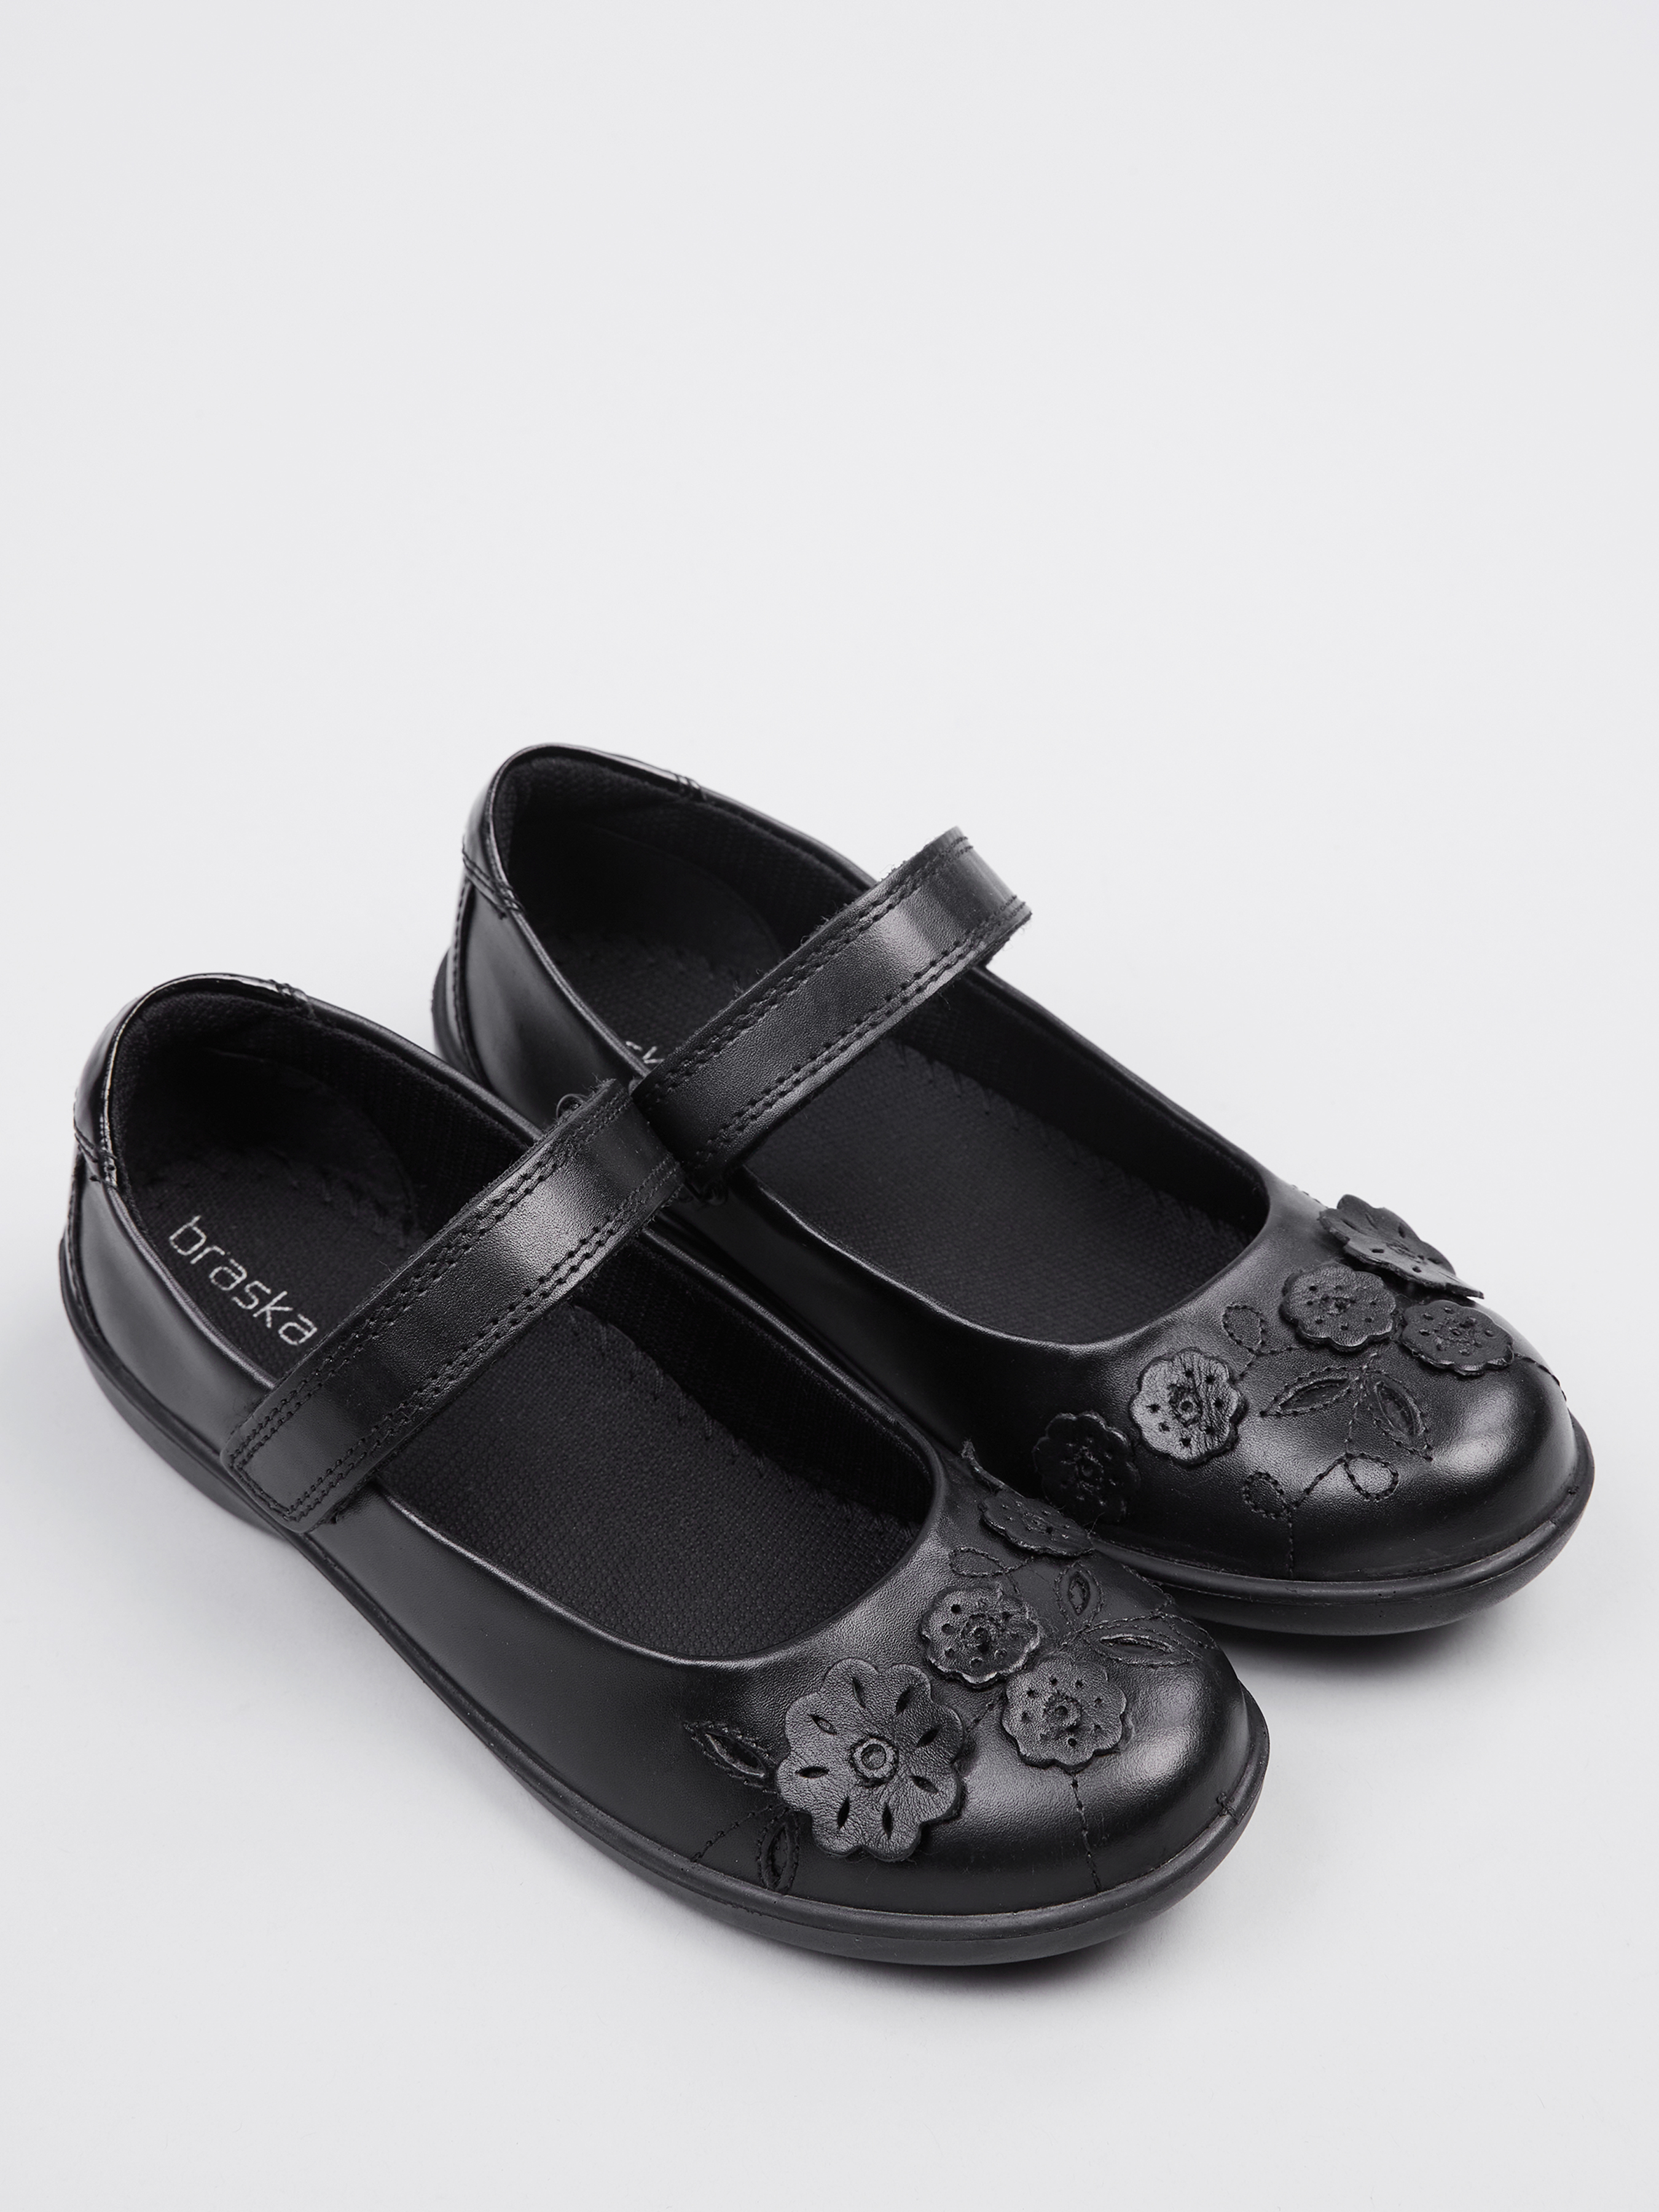 Балетки  для дітей Braska 933-9232/101 модне взуття, 2017